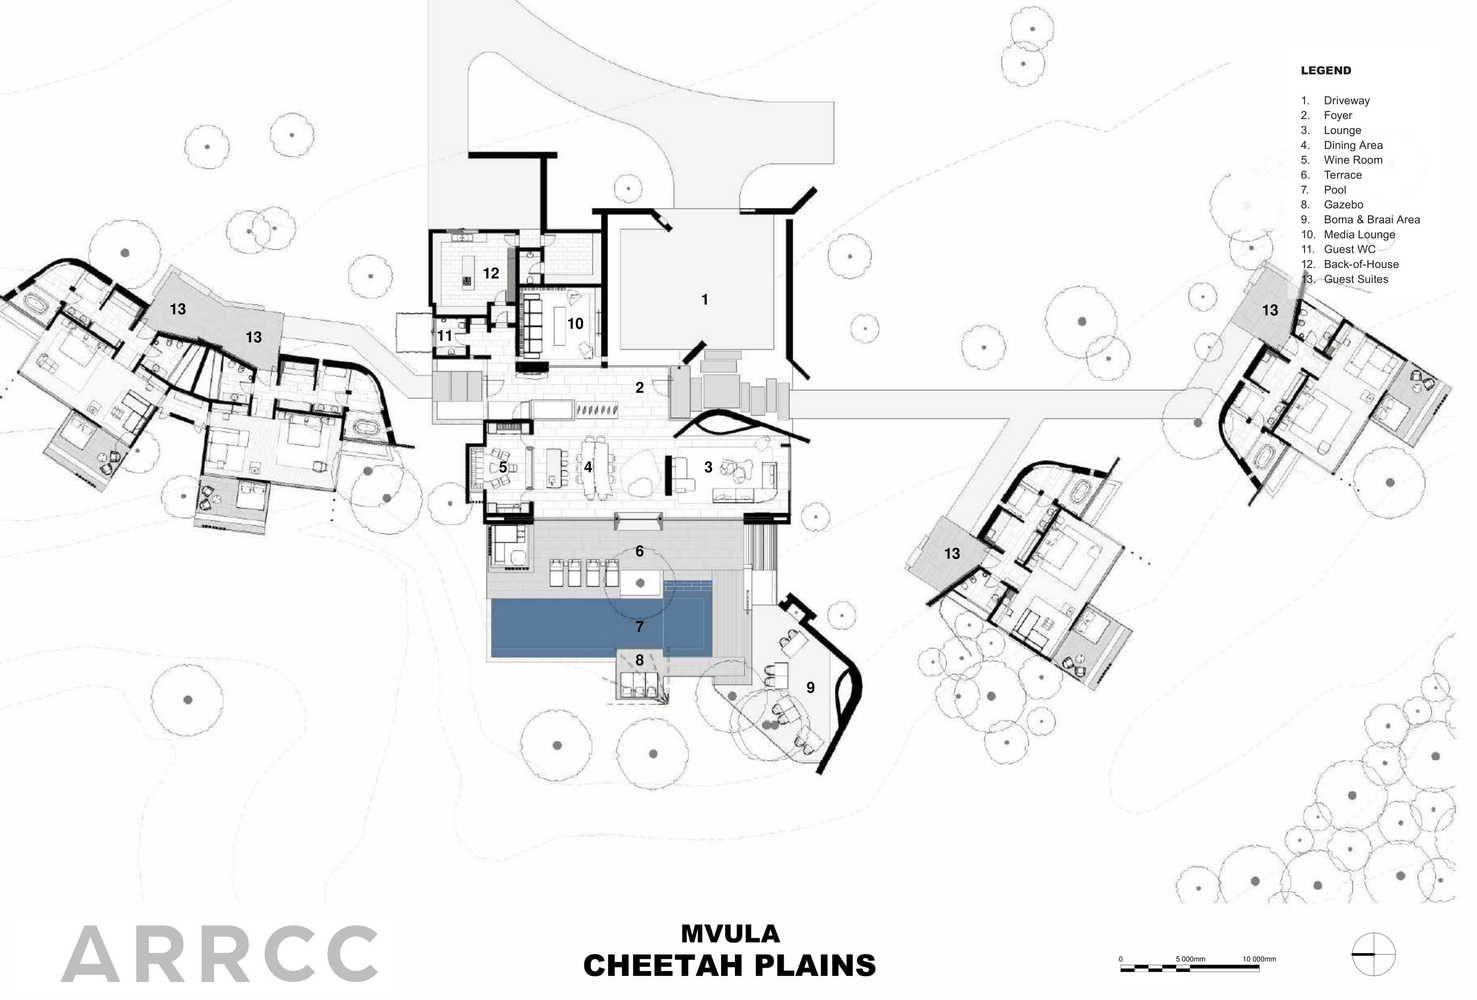 Gallery Of Cheetah Plains Lodge Arrcc 24 Lodges Design Safari Lodge Game Lodge